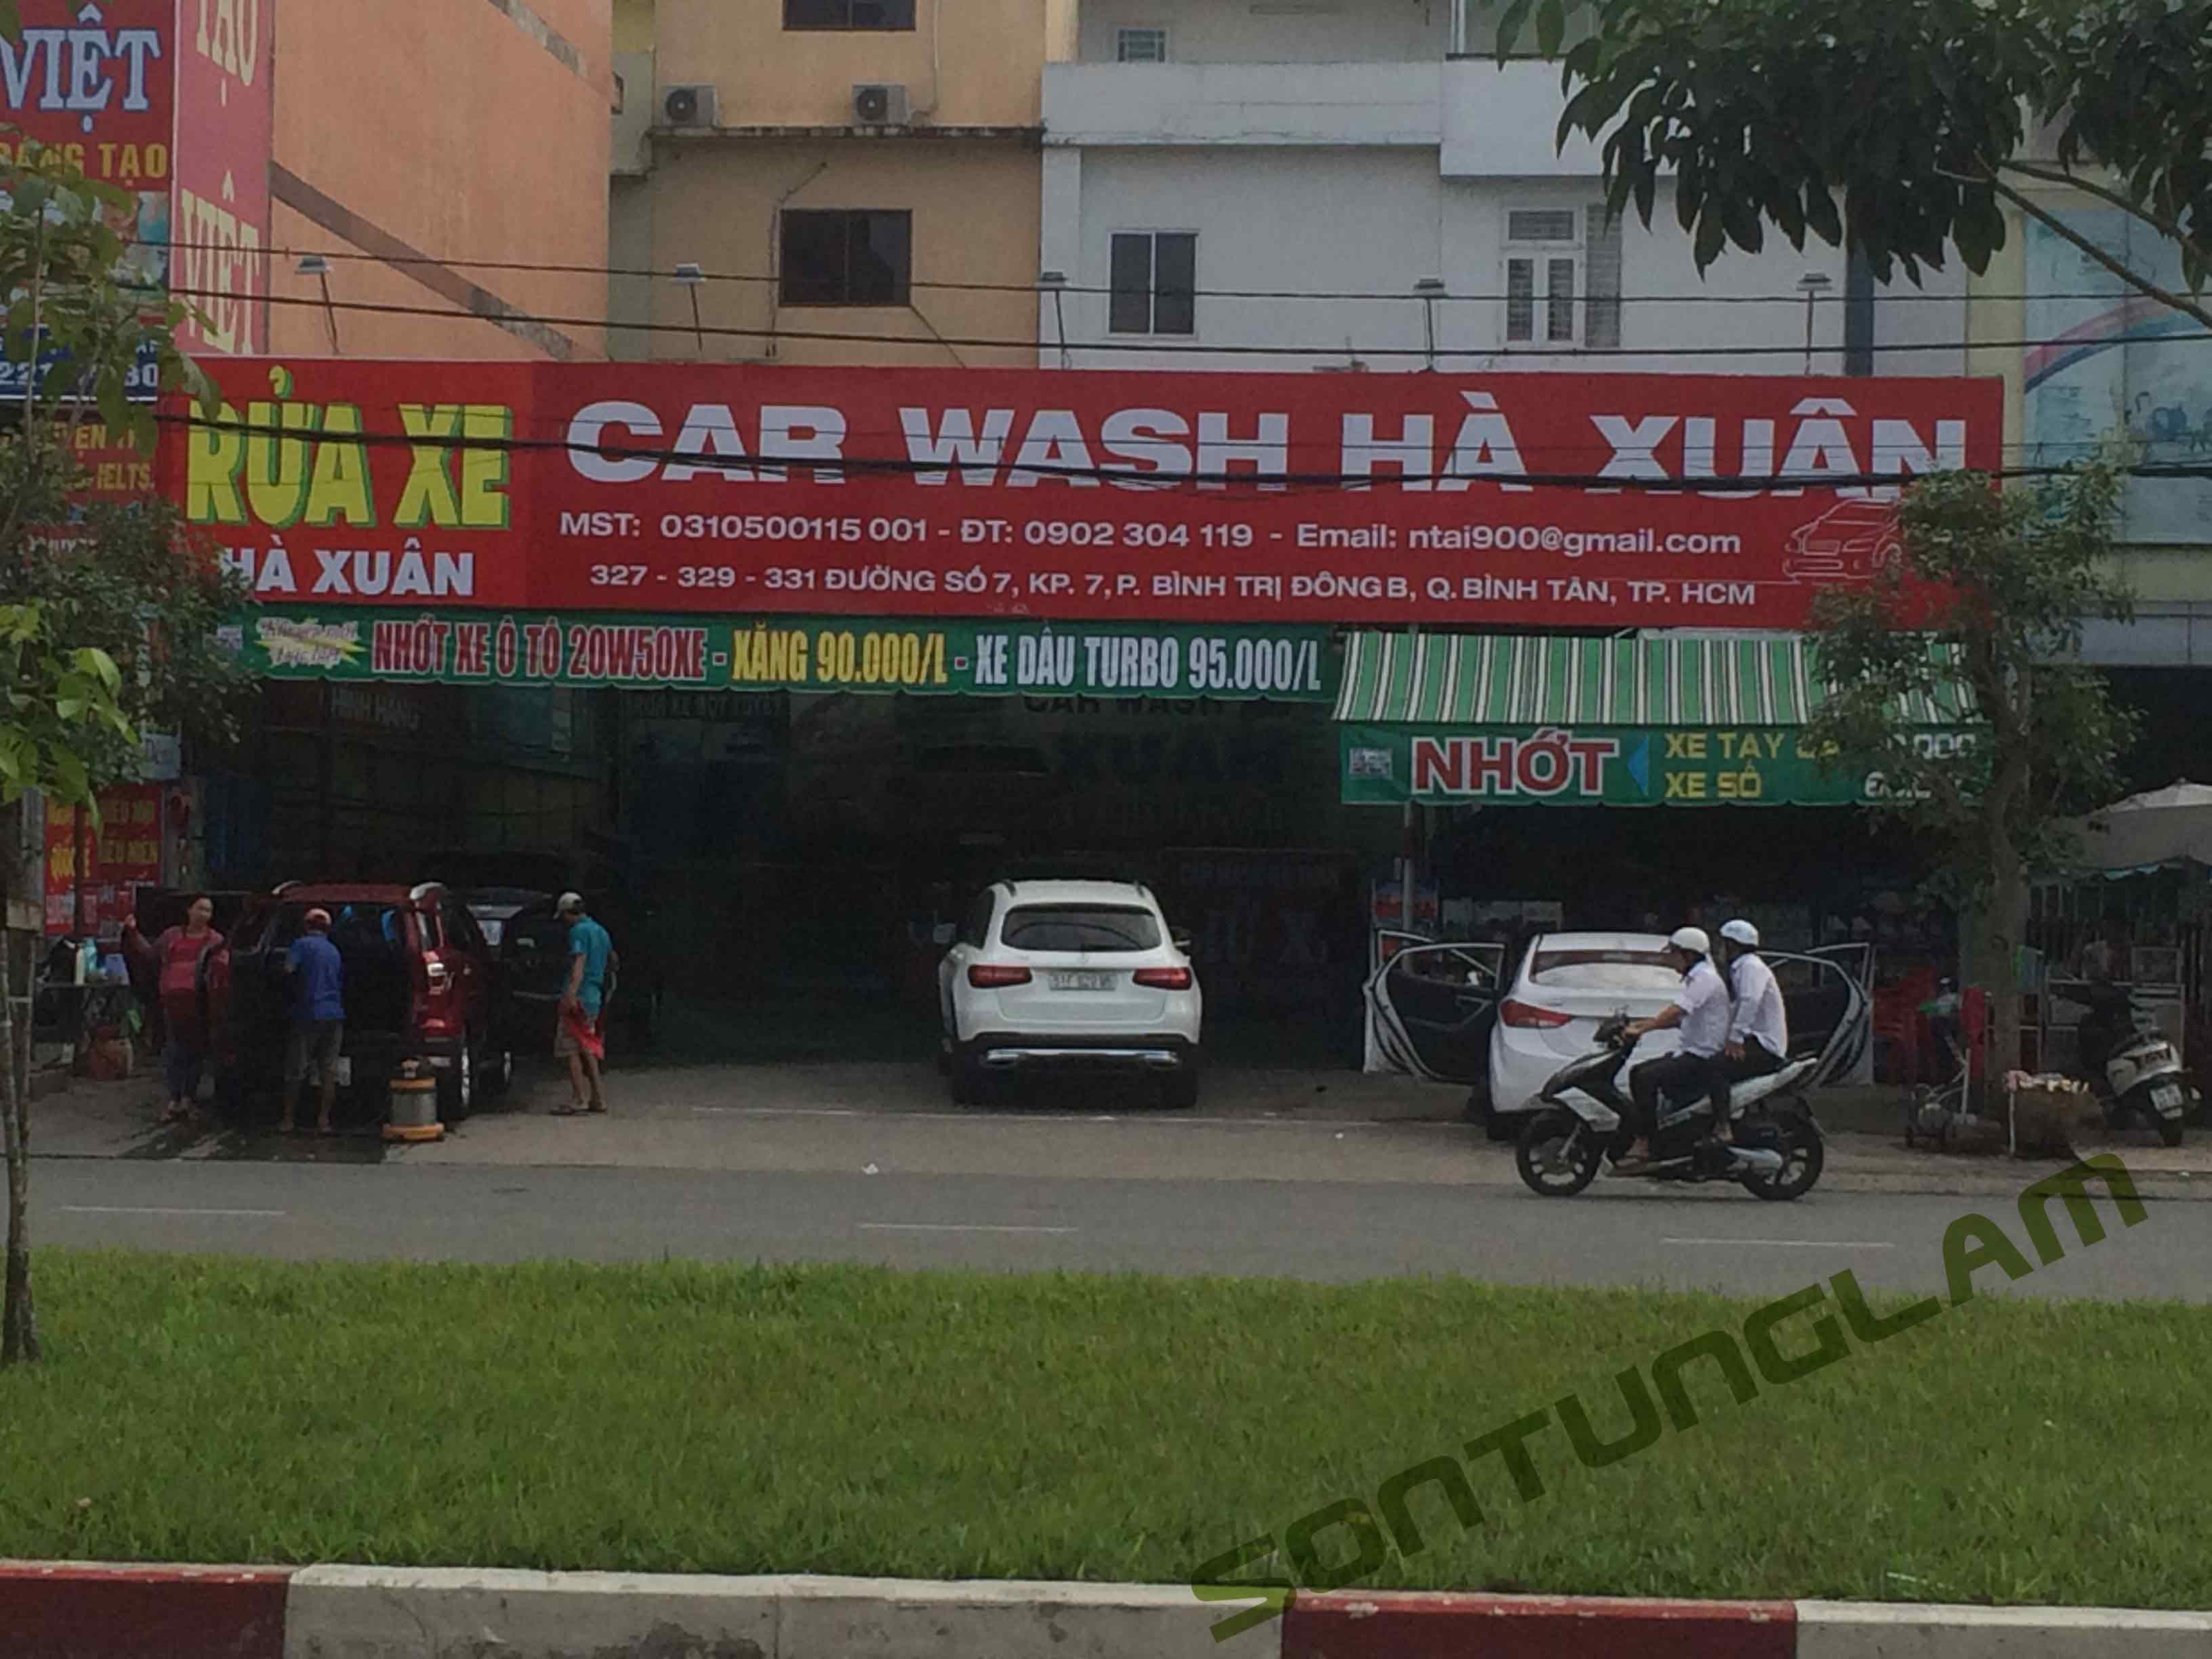 Rua-xe-Ha-Xuan